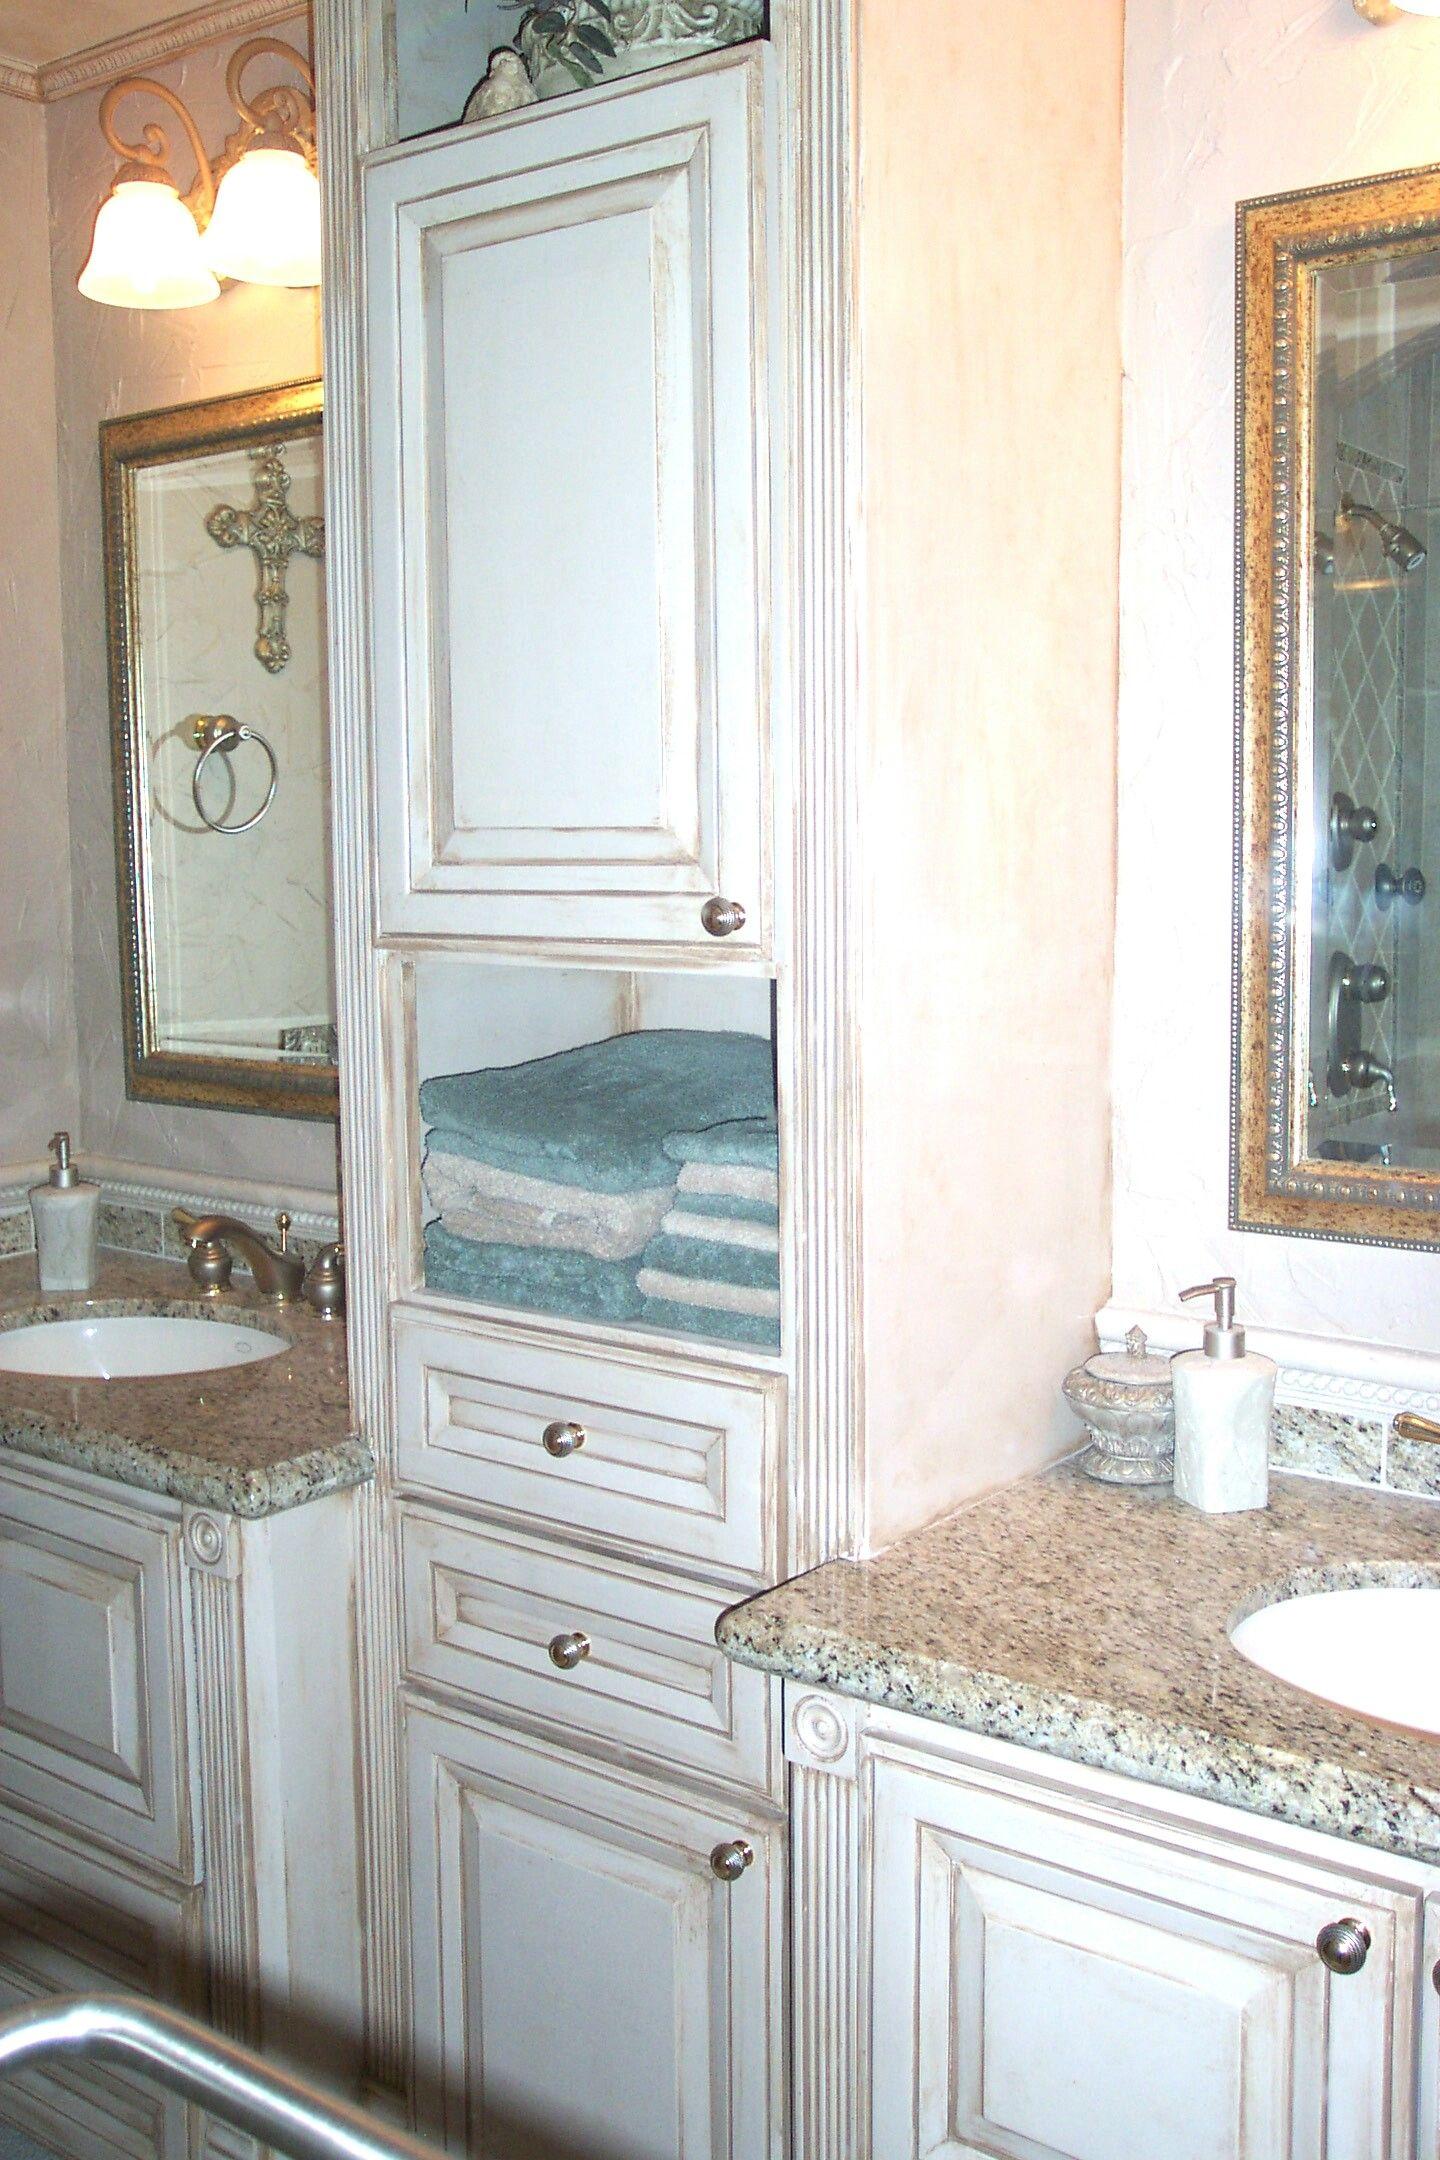 Custom Built Bathroom Cabinets With Linen Cabinet And Pull Out - Custom built bathroom vanity for bathroom decor ideas